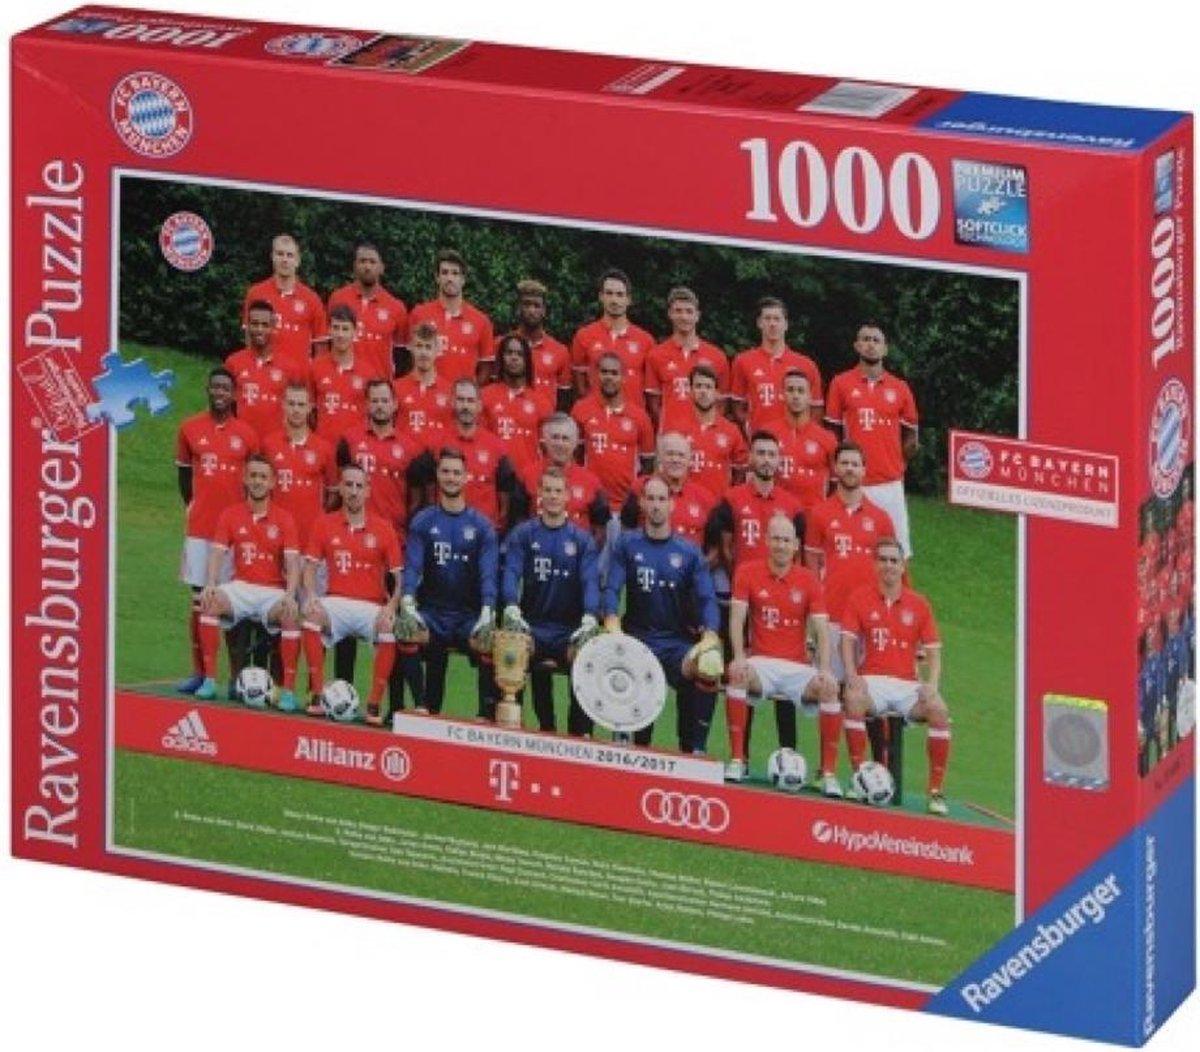 Bayern Munchen Team Puzzel 16/17 – 1000 stuks